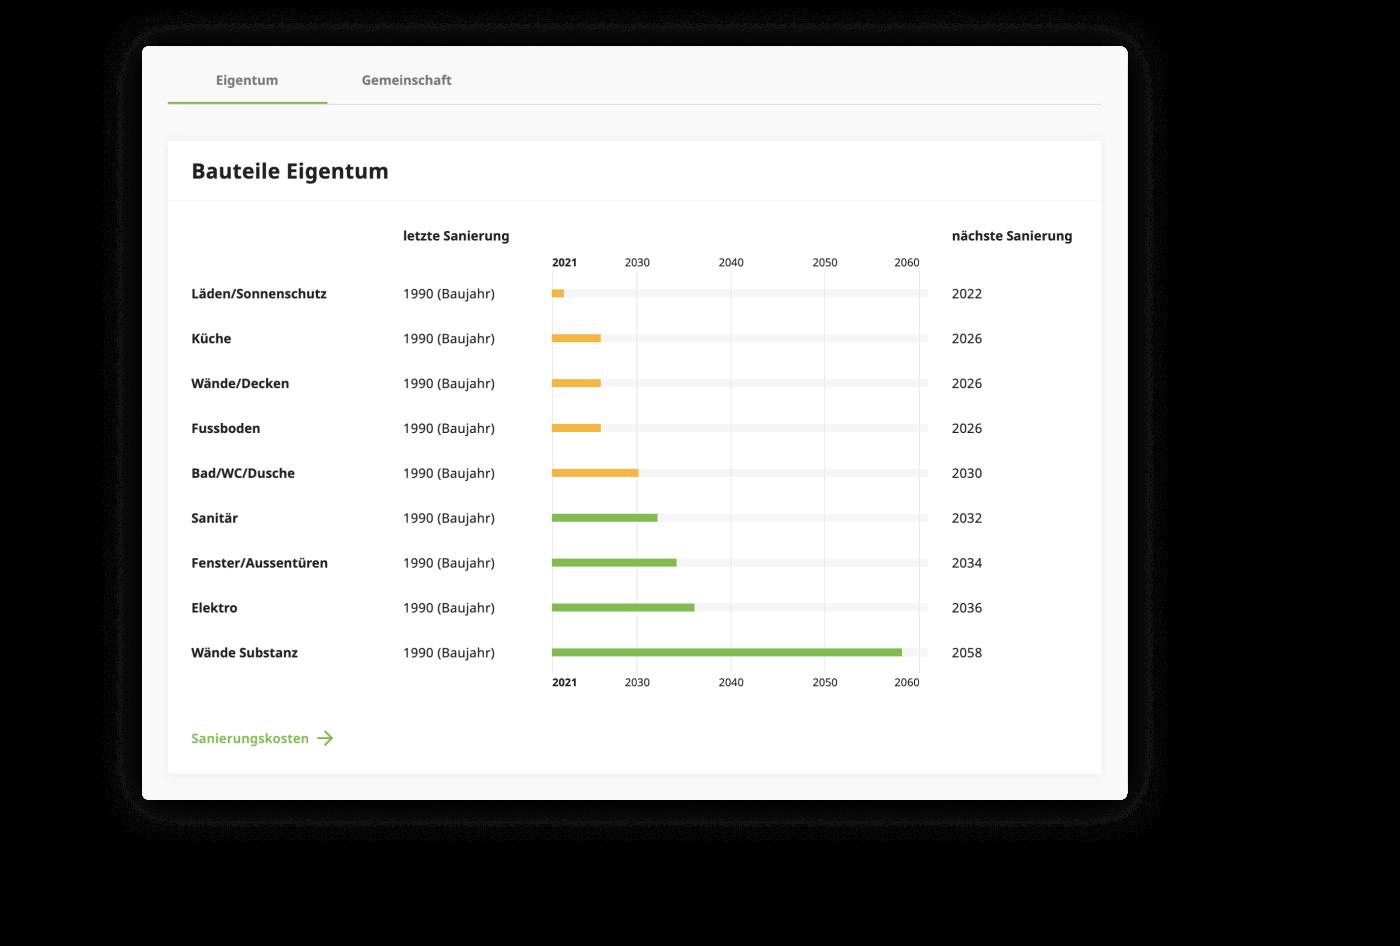 Ergebnis der Erneuerungsfonds-Analyse